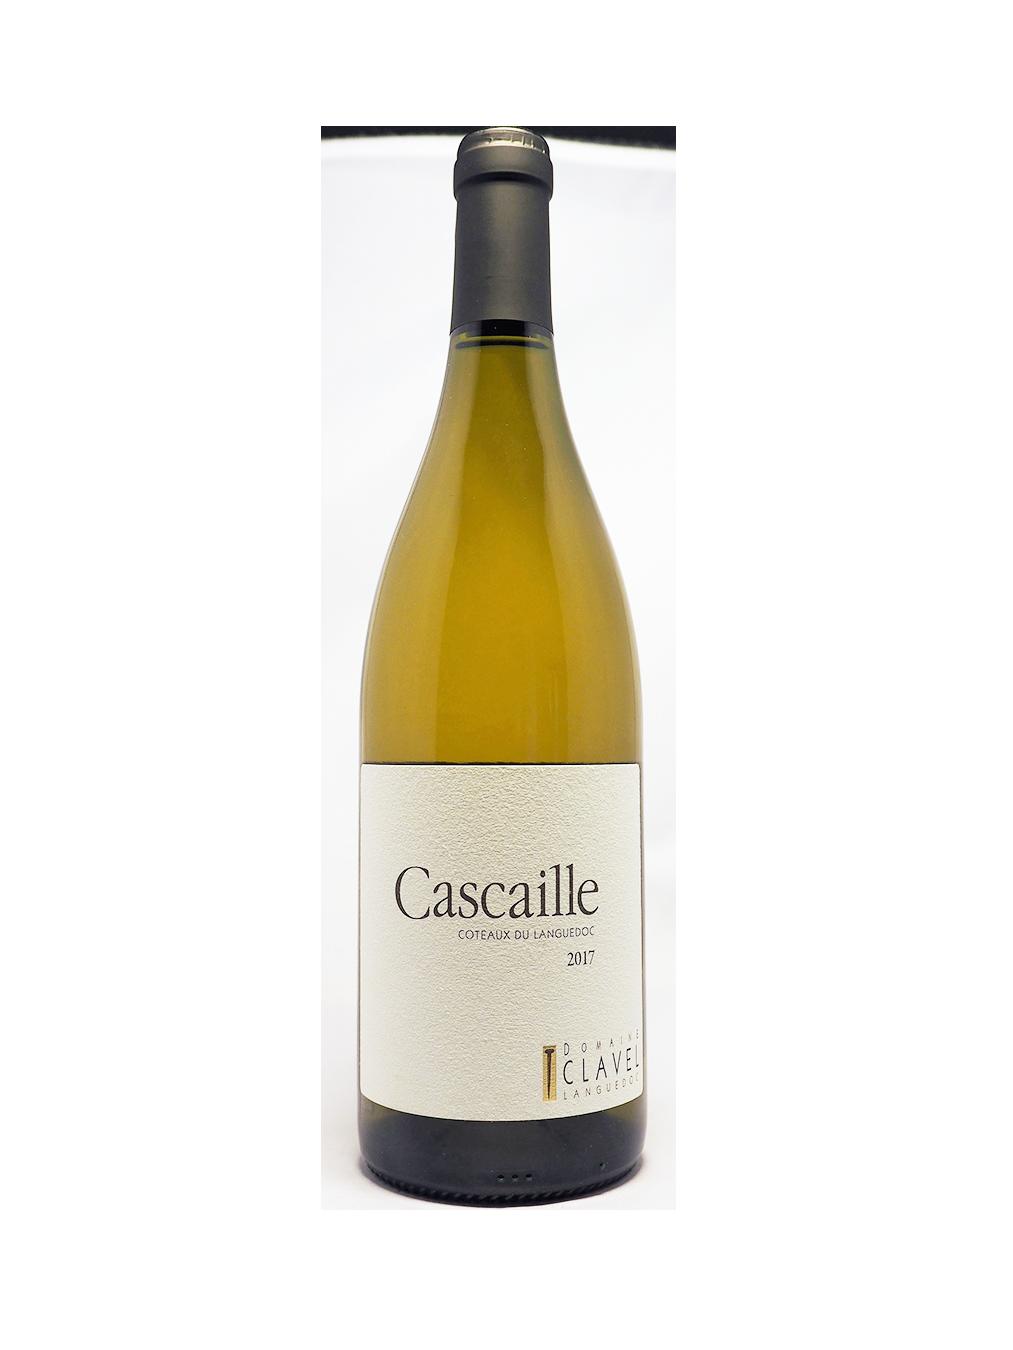 Cascaille 2017